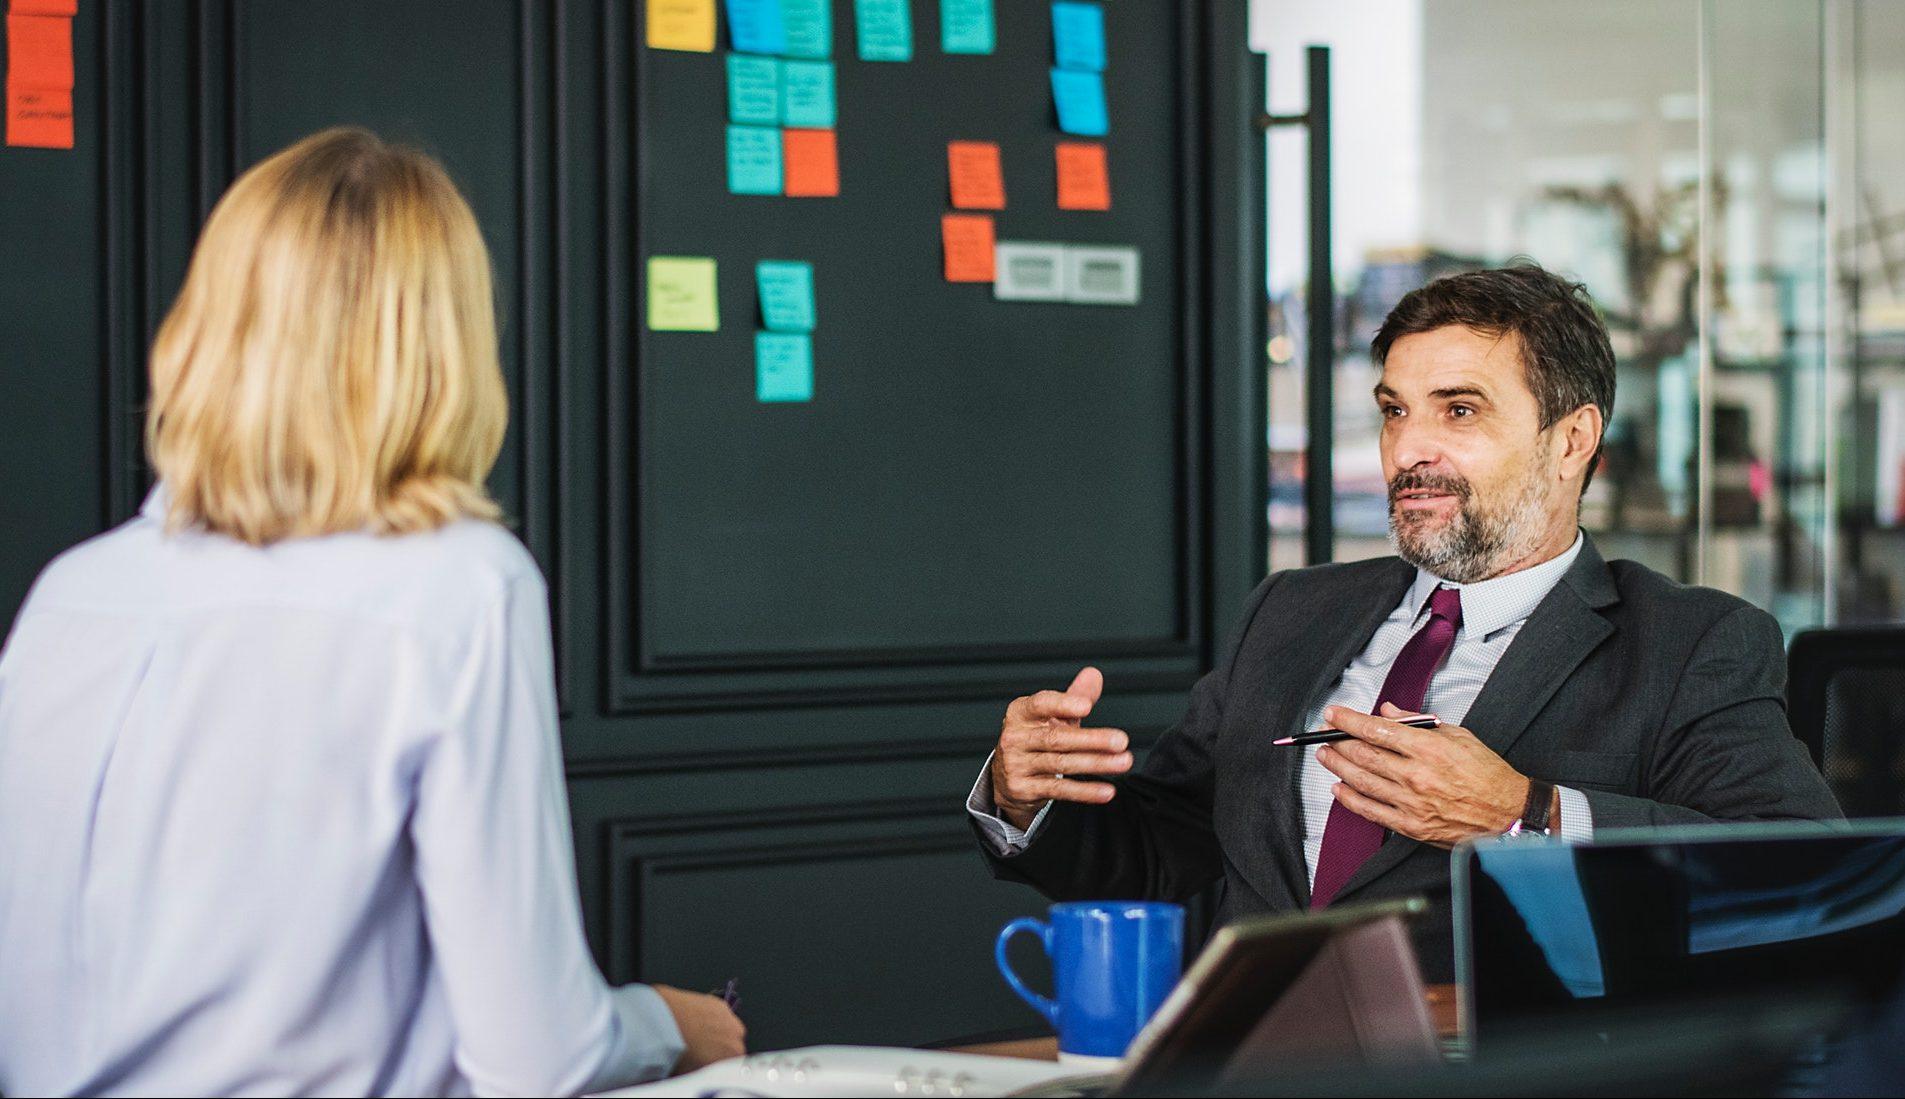 En medarbetarenkät ersätter inte samtalet mellan chef och medarbetare.